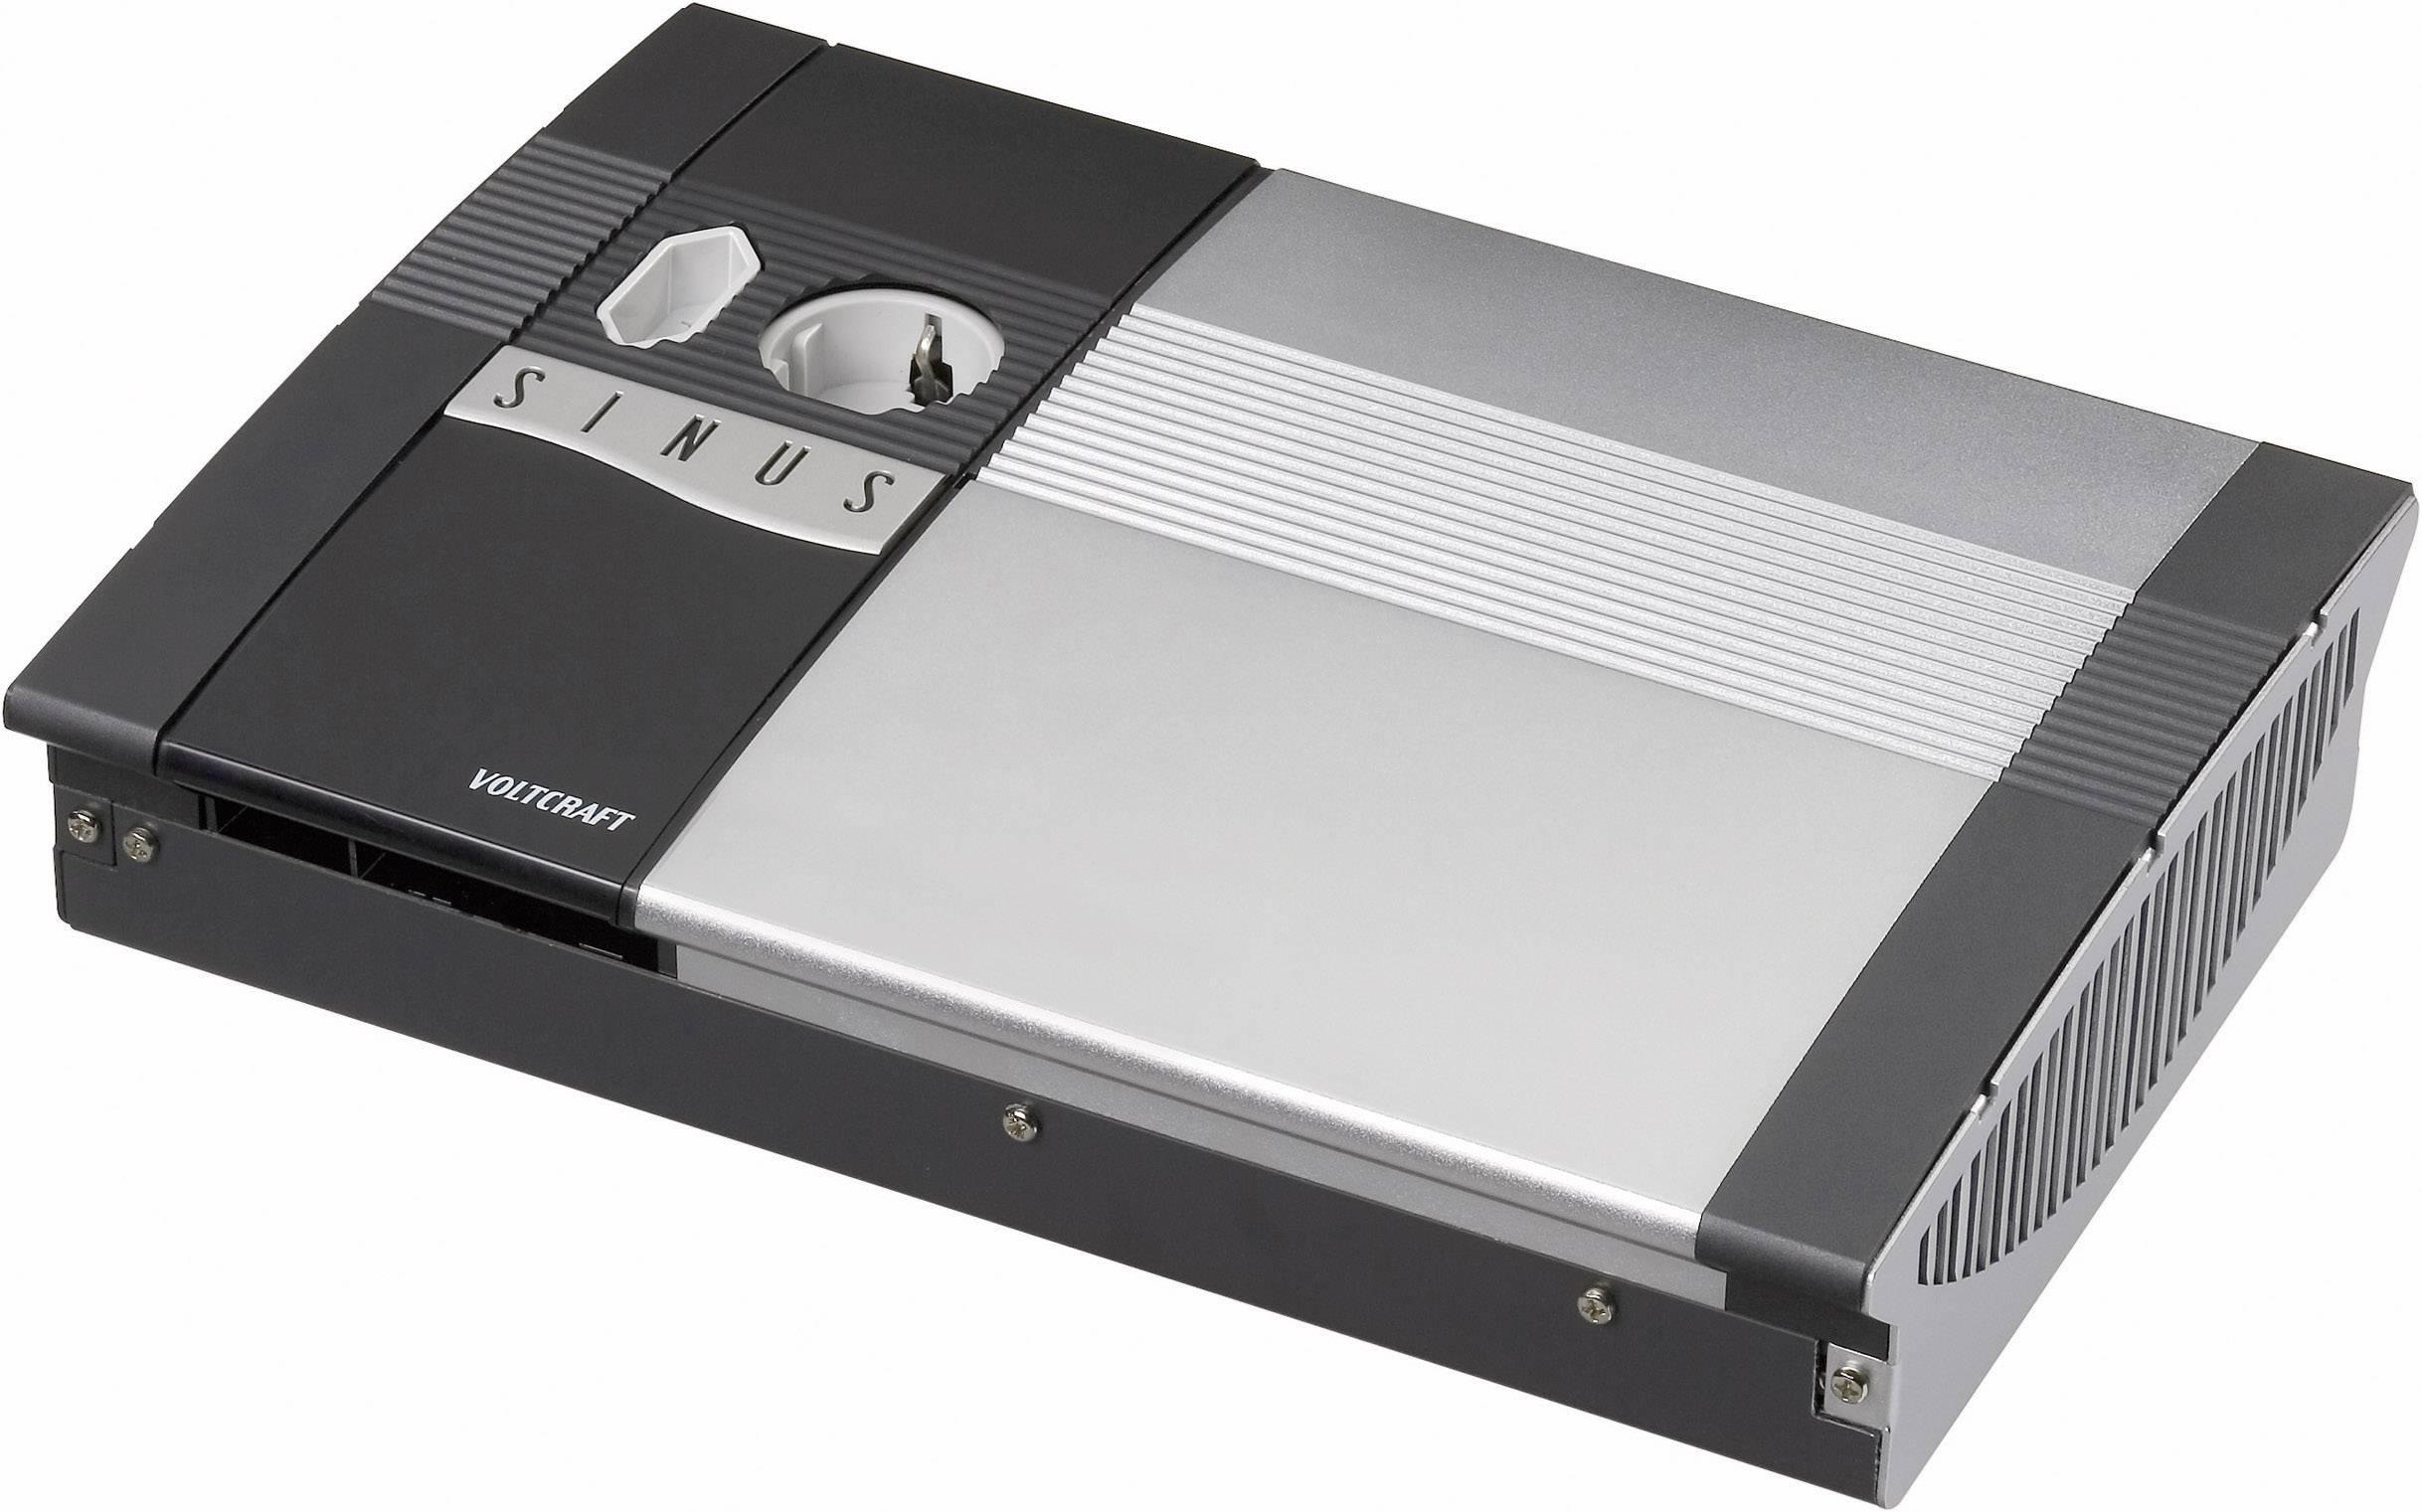 Menič napätia DC / AC VOLTCRAFT SW-600 12V, 600 W, 12 V/DC/230 V/AC, 600 W diaľkovo zapínateľný